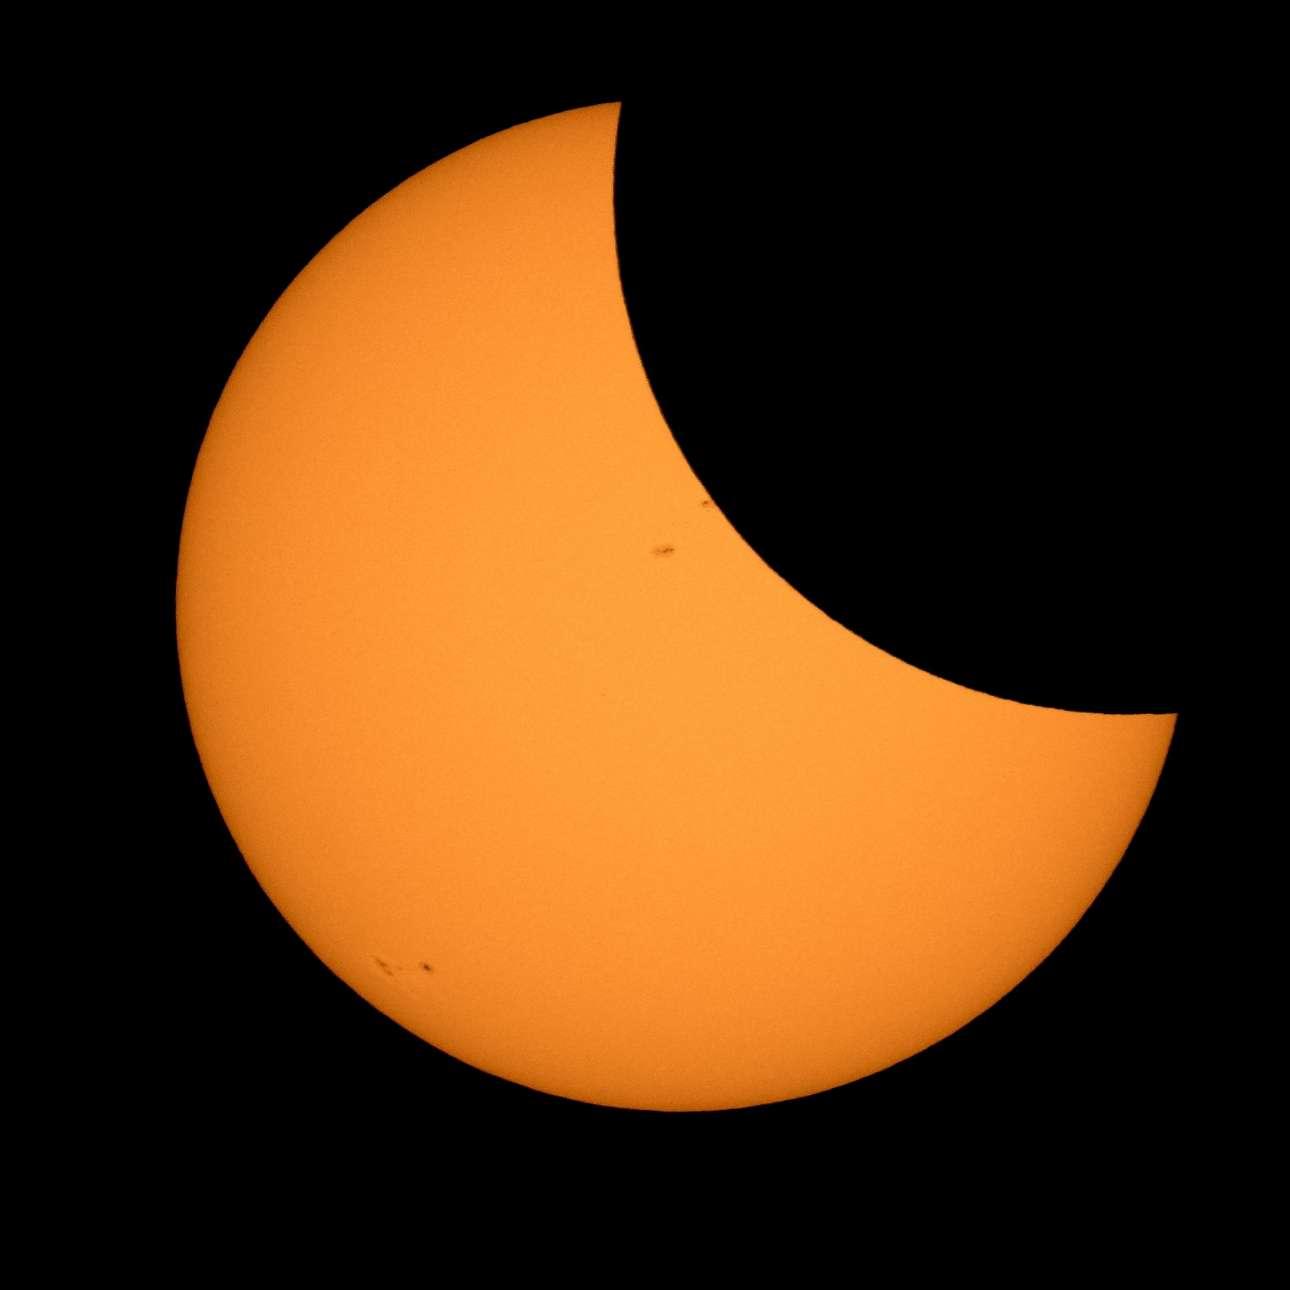 Η έκλειψη της 21ης Αυγούστου ήταν η πρώτη ολική έκλειψη Ηλίου που ήταν ορατή από τις 48 νοτιότερες πολιτείες των ΗΠΑ τα τελευταία 38 χρόνια